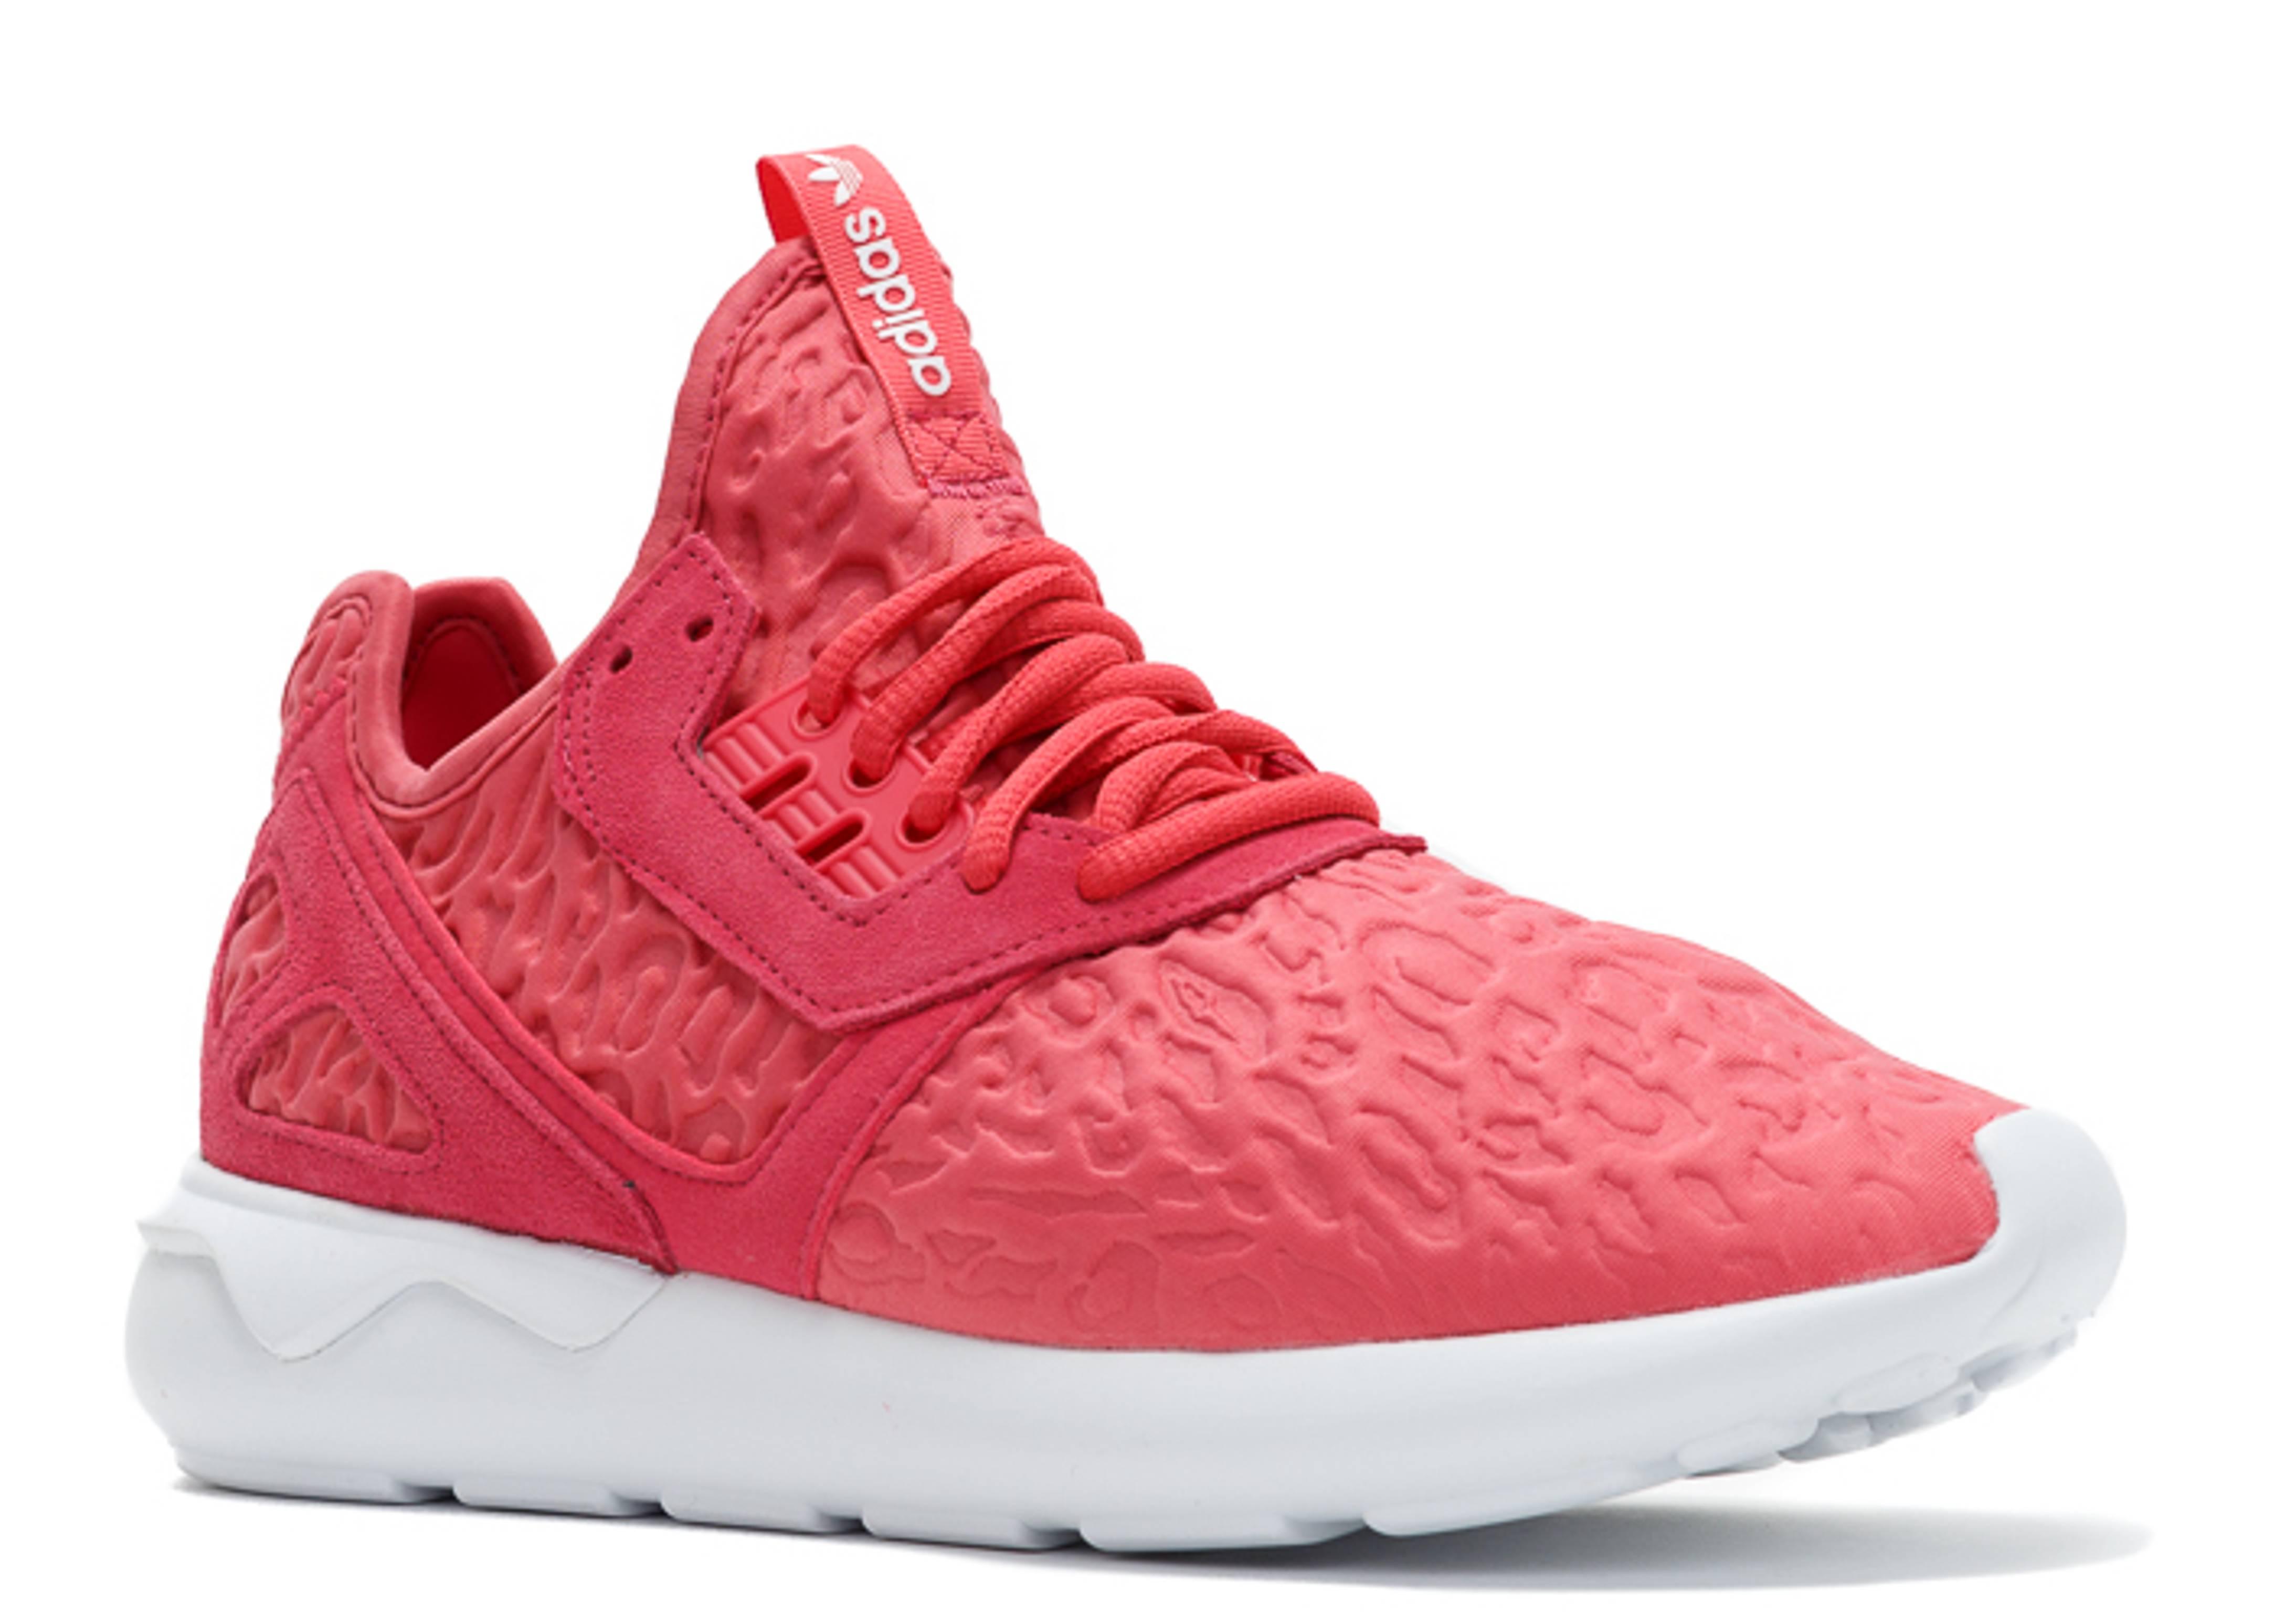 premium selection 7a692 a0a8e Tubular Runner W - Adidas - s78930 - luspnk/luspnk/ftwwht ...